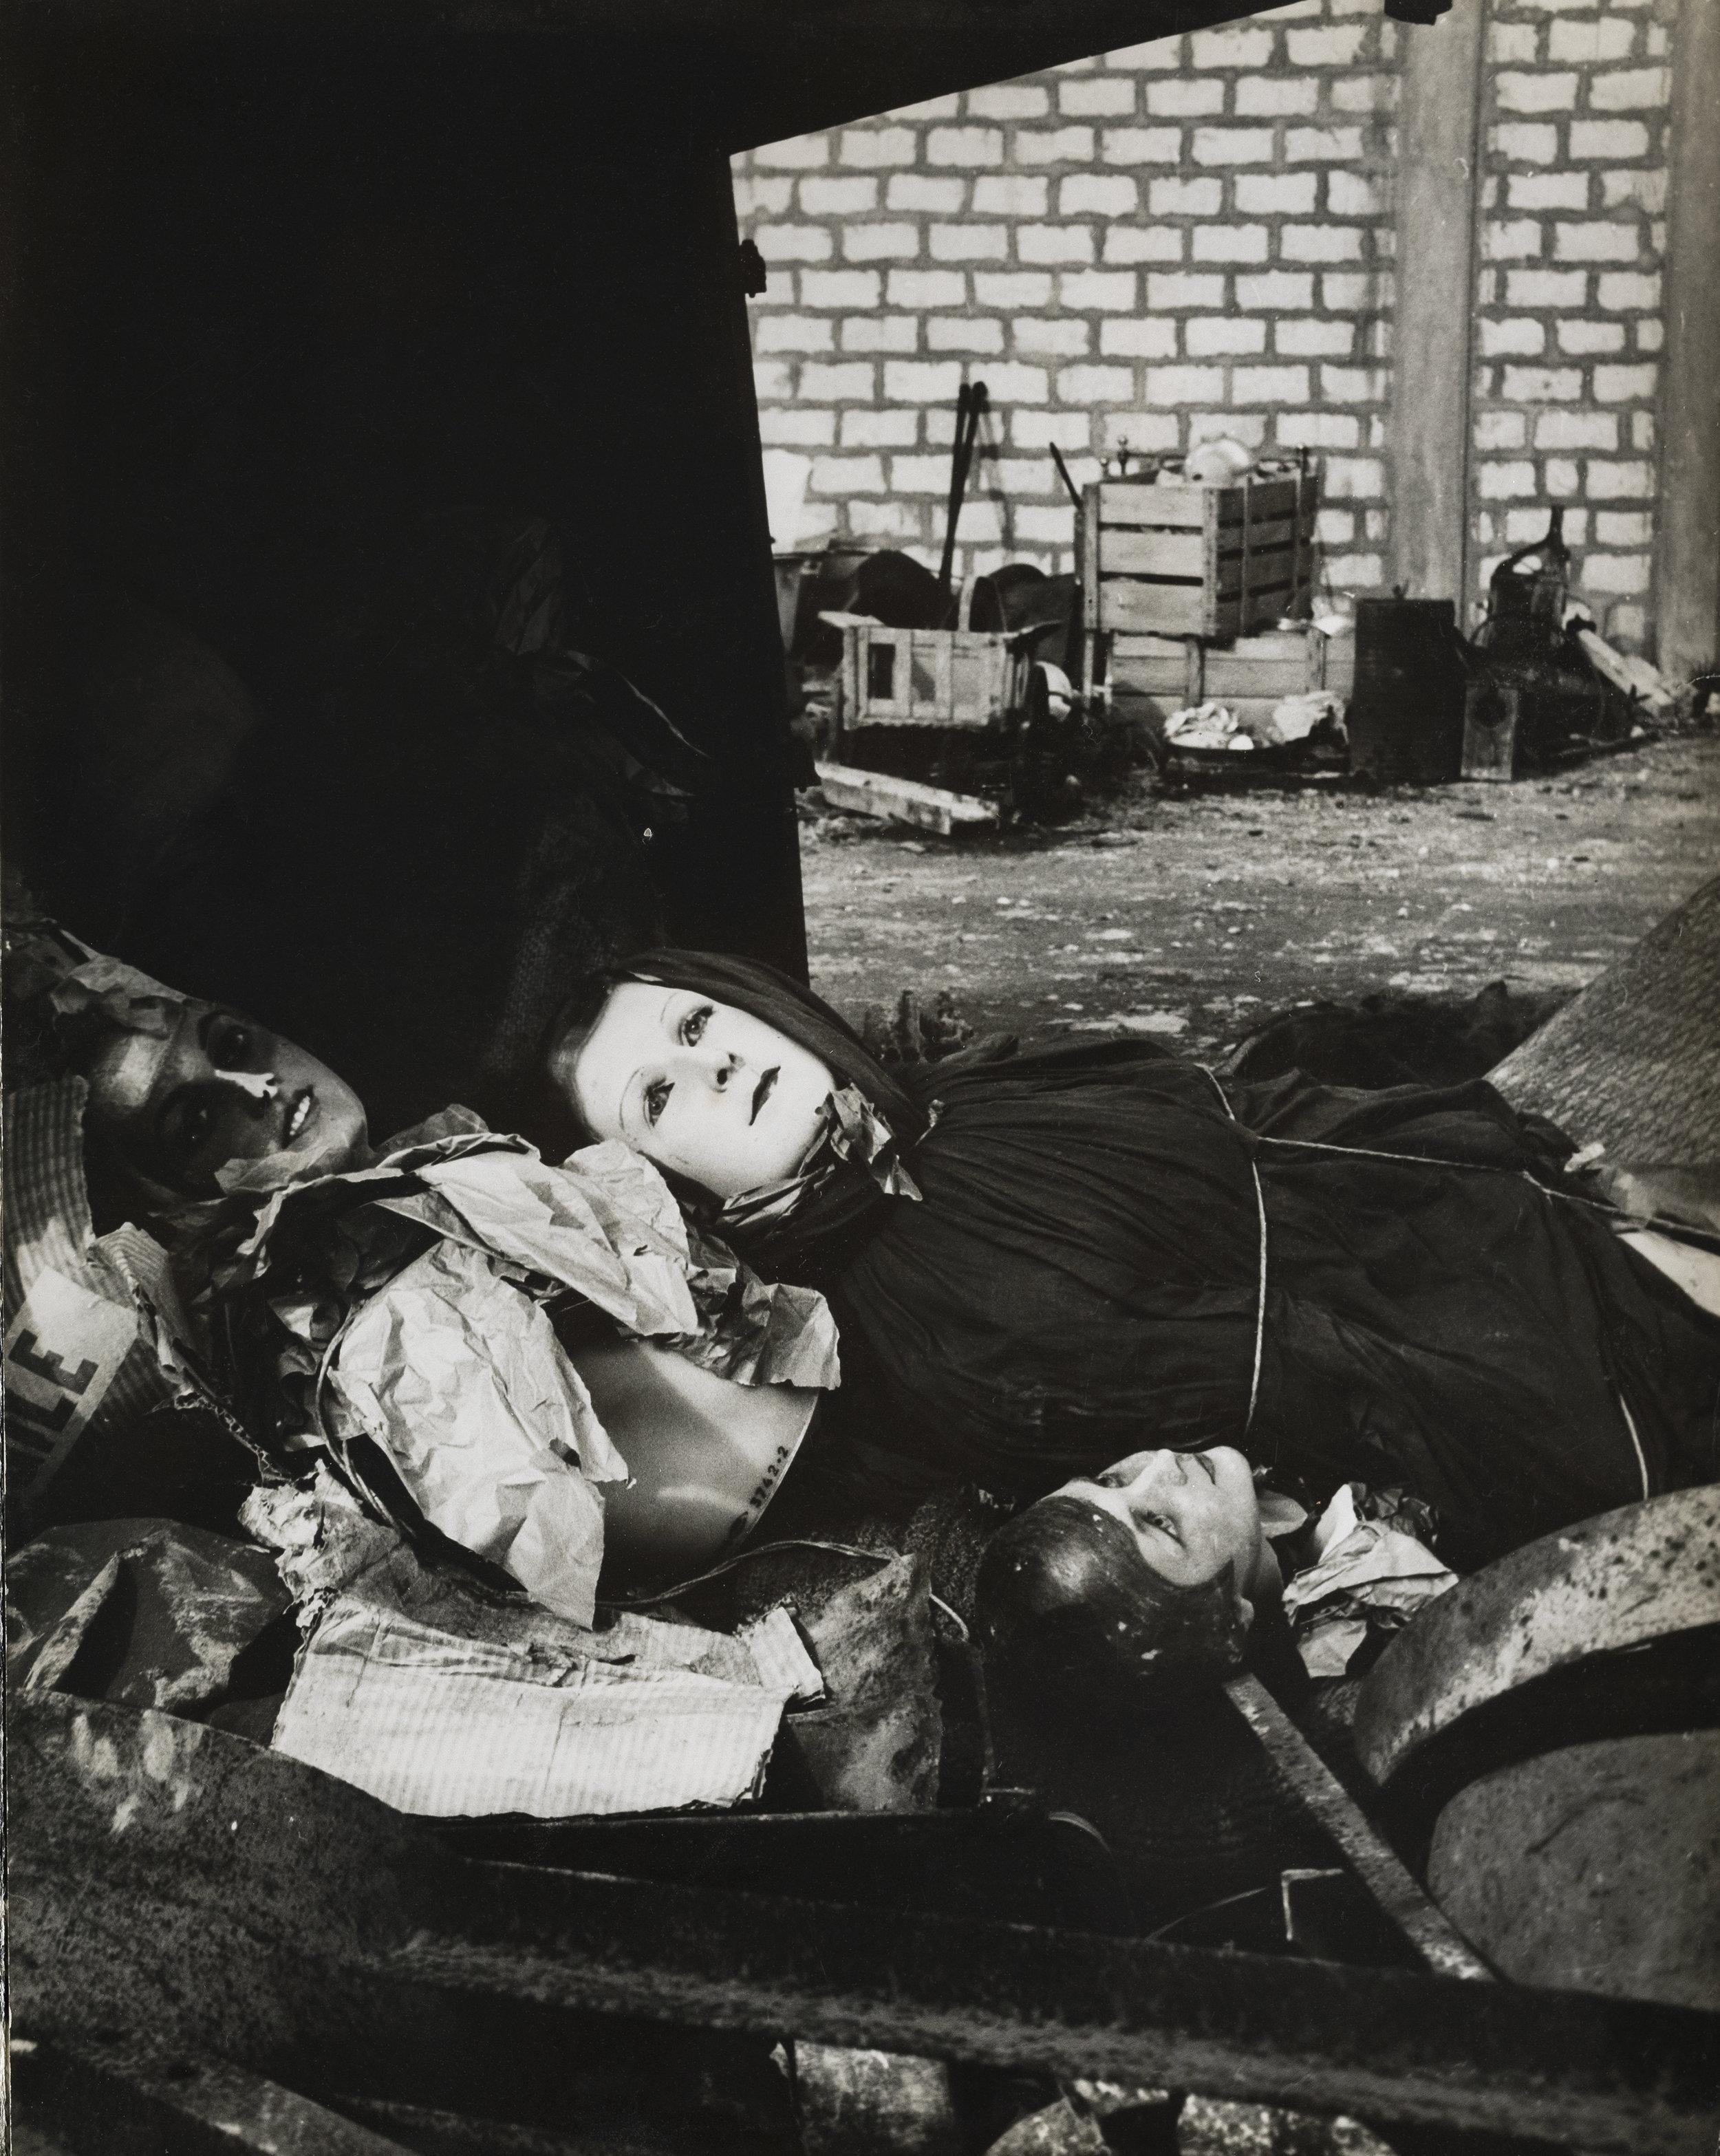 路西安·克莱格,《破烂处的人形模特》,阿尔勒,1956。图片由路西安·克莱格工作坊和Saif公司提供,2019。